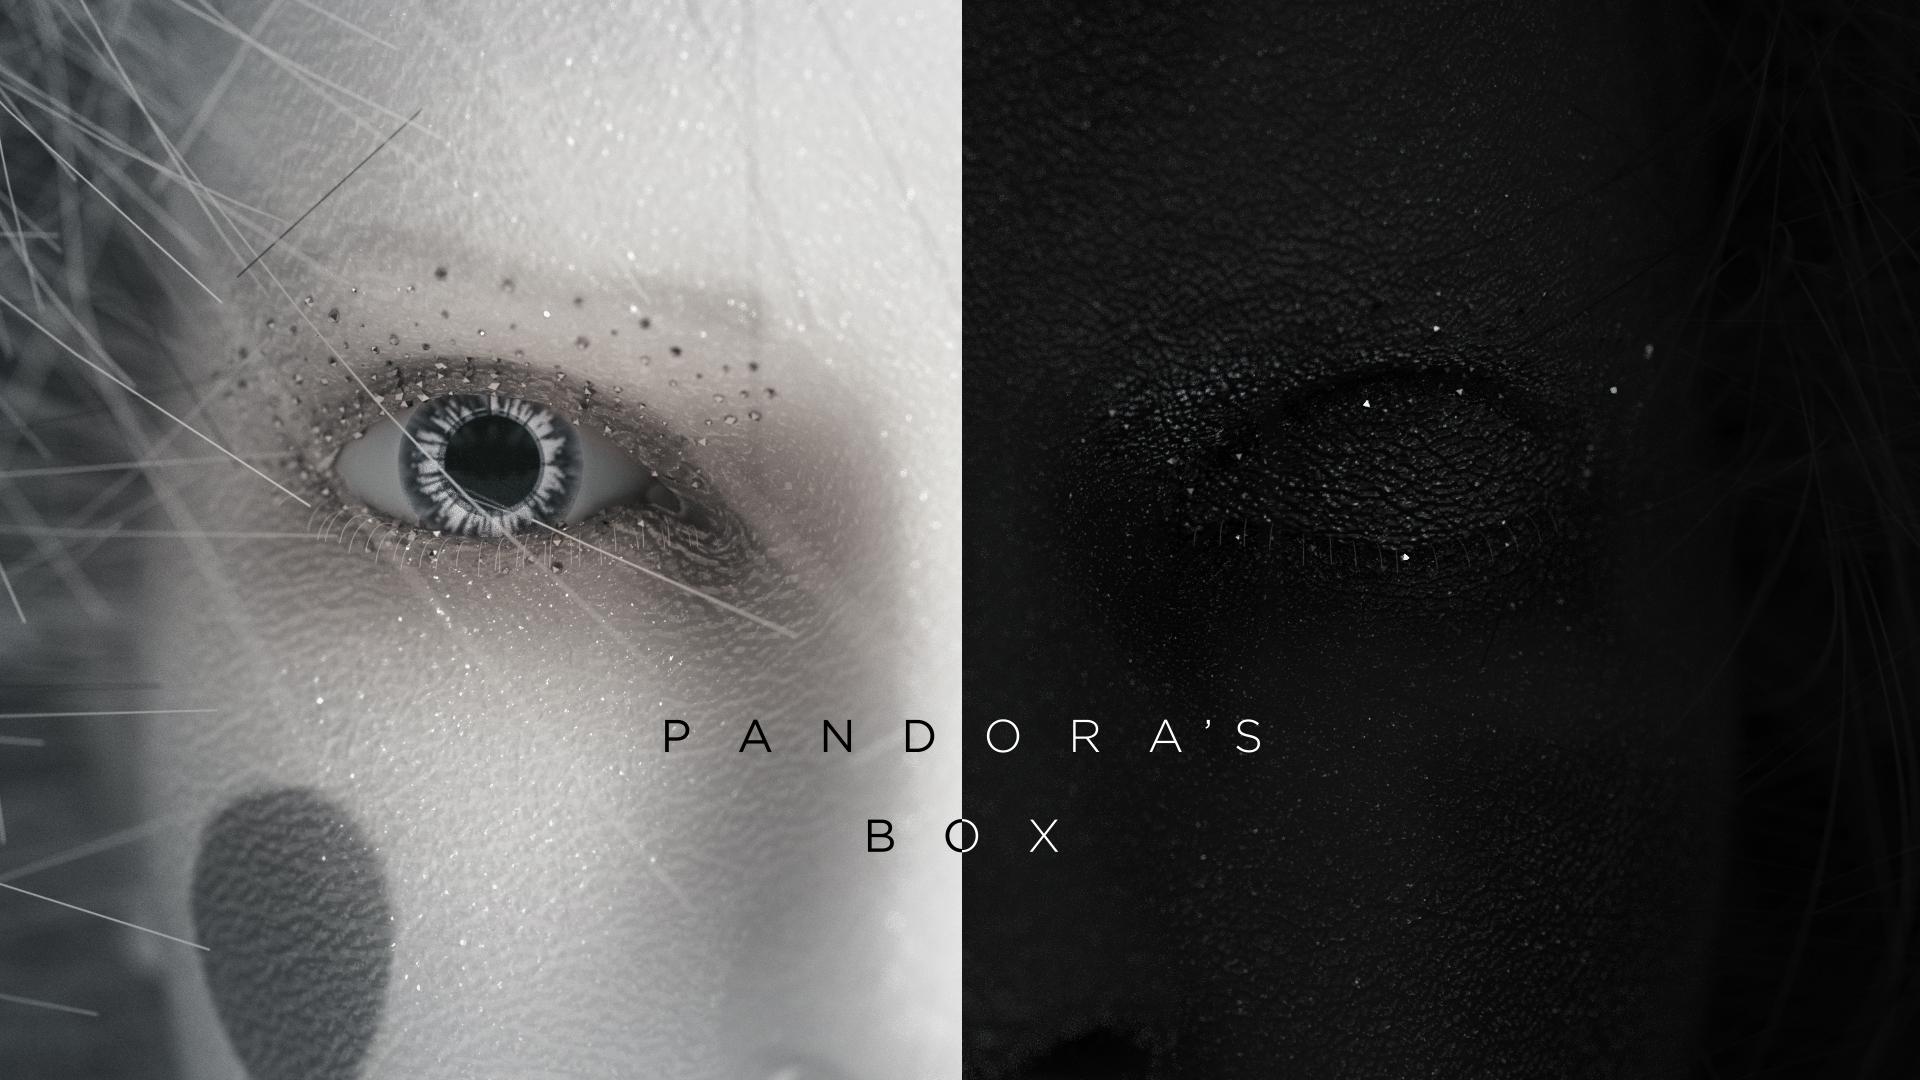 PandorasBox_RonWeaver_Titleframe_2017